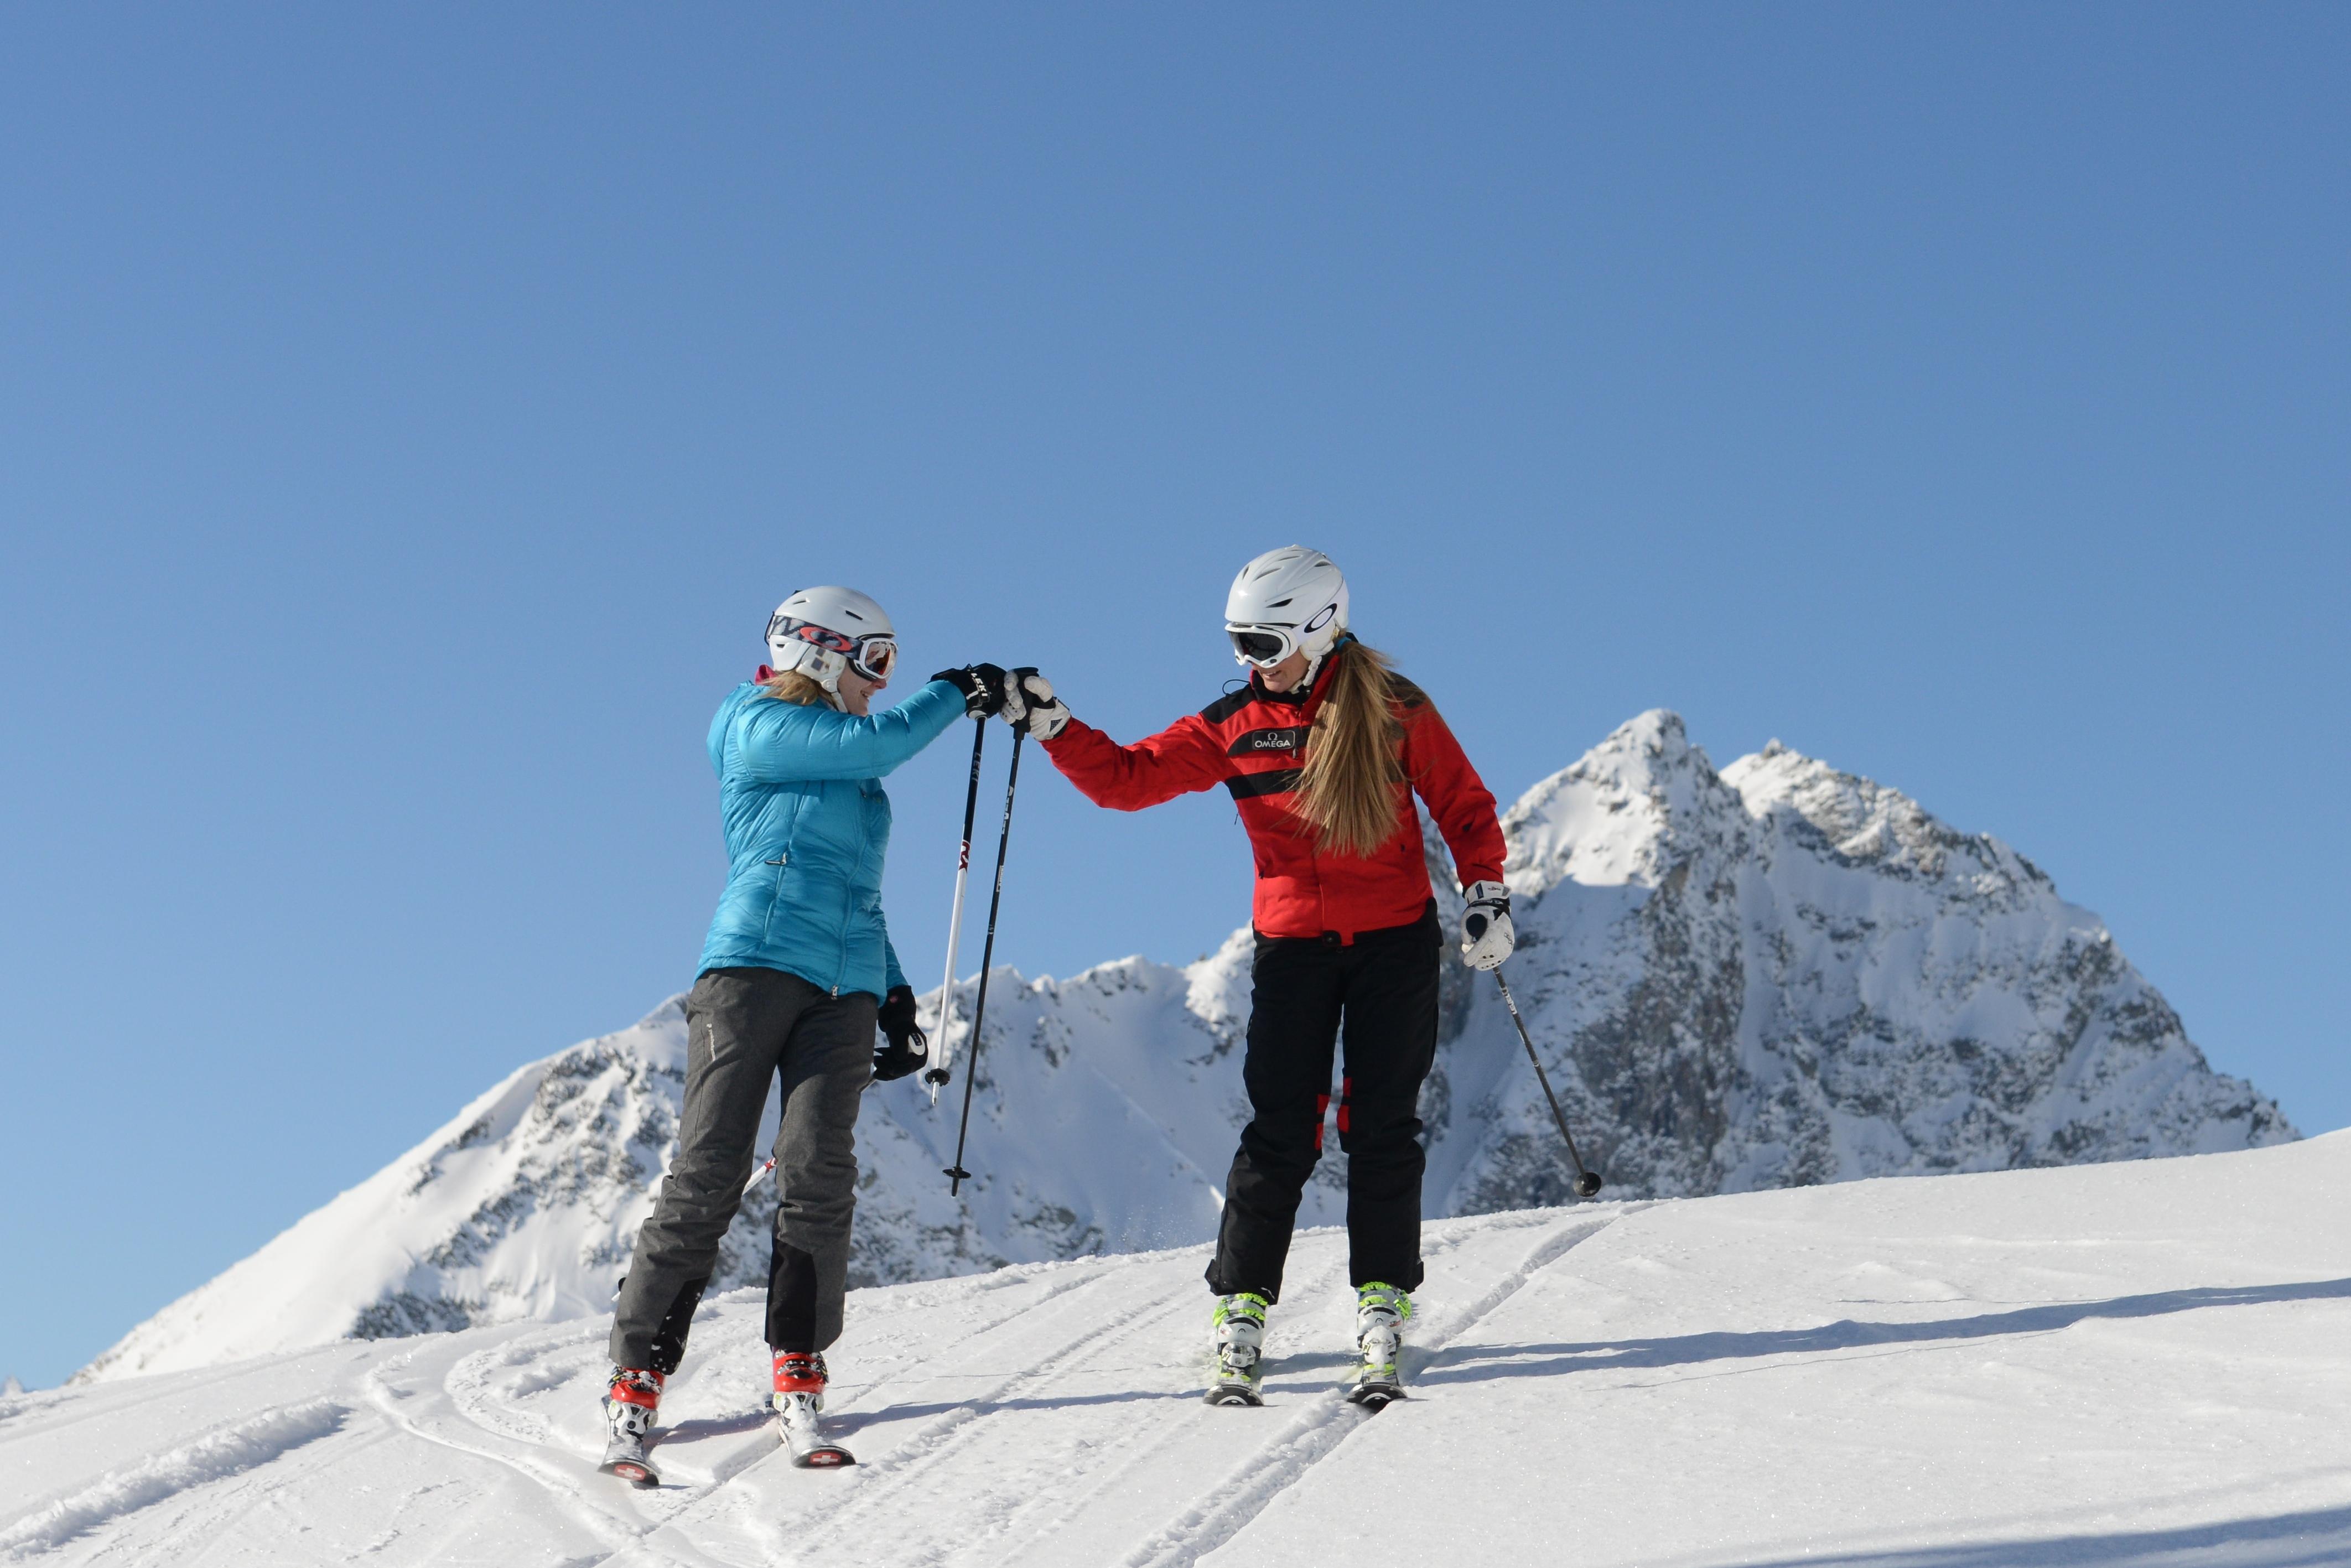 Schweizer Skischule St. Moritz Slide 3